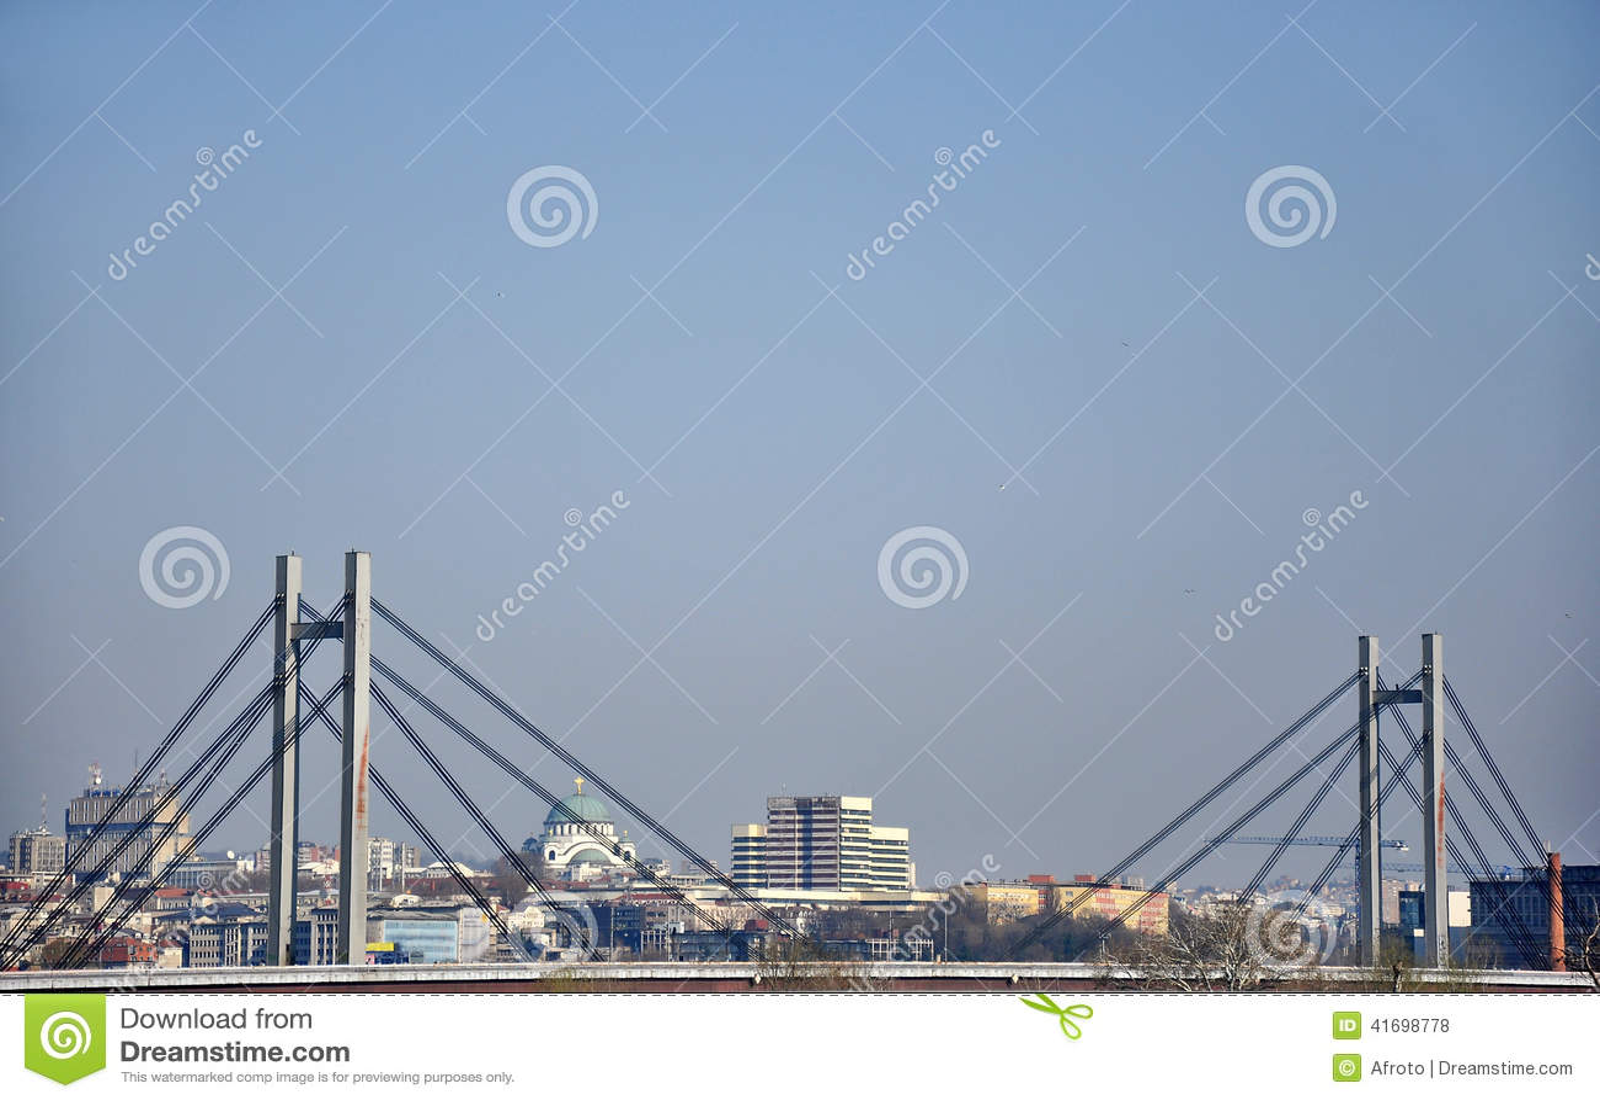 Γέφυρα στη μεγάλη πόλη Βελιγραδι ου